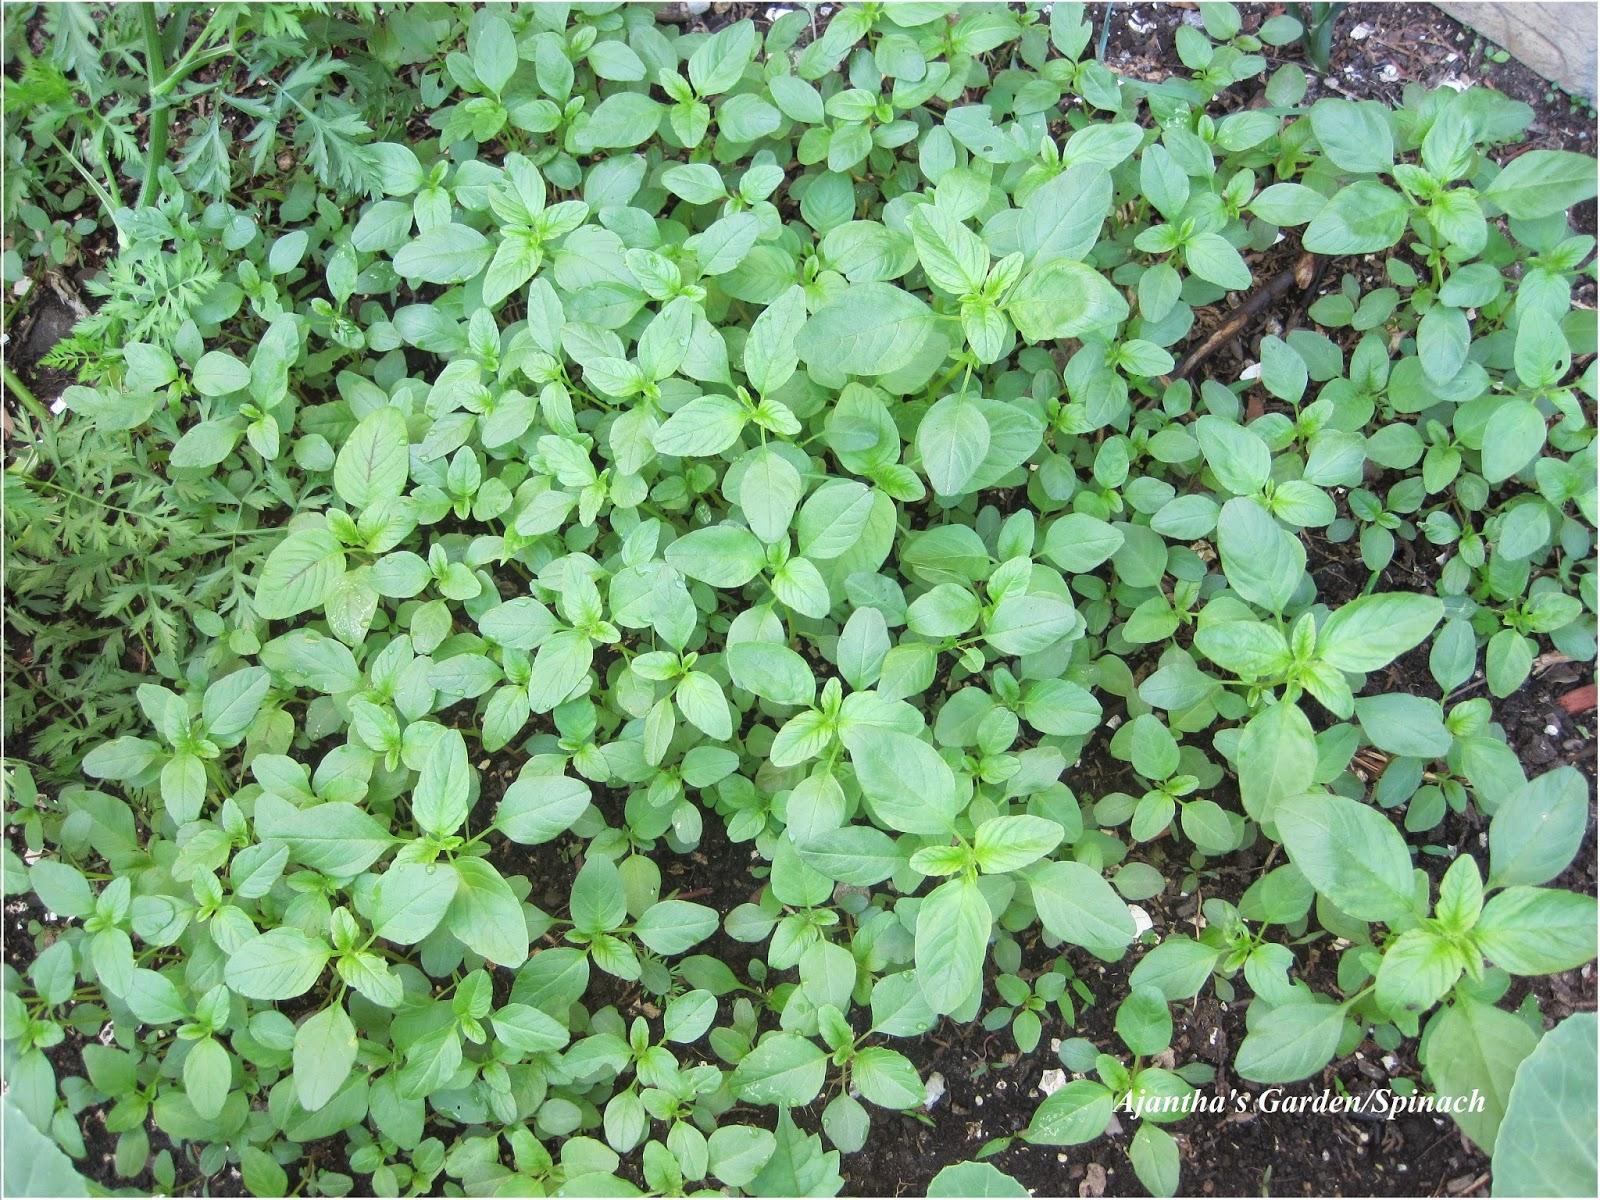 Ajantha's Garden/Spinch